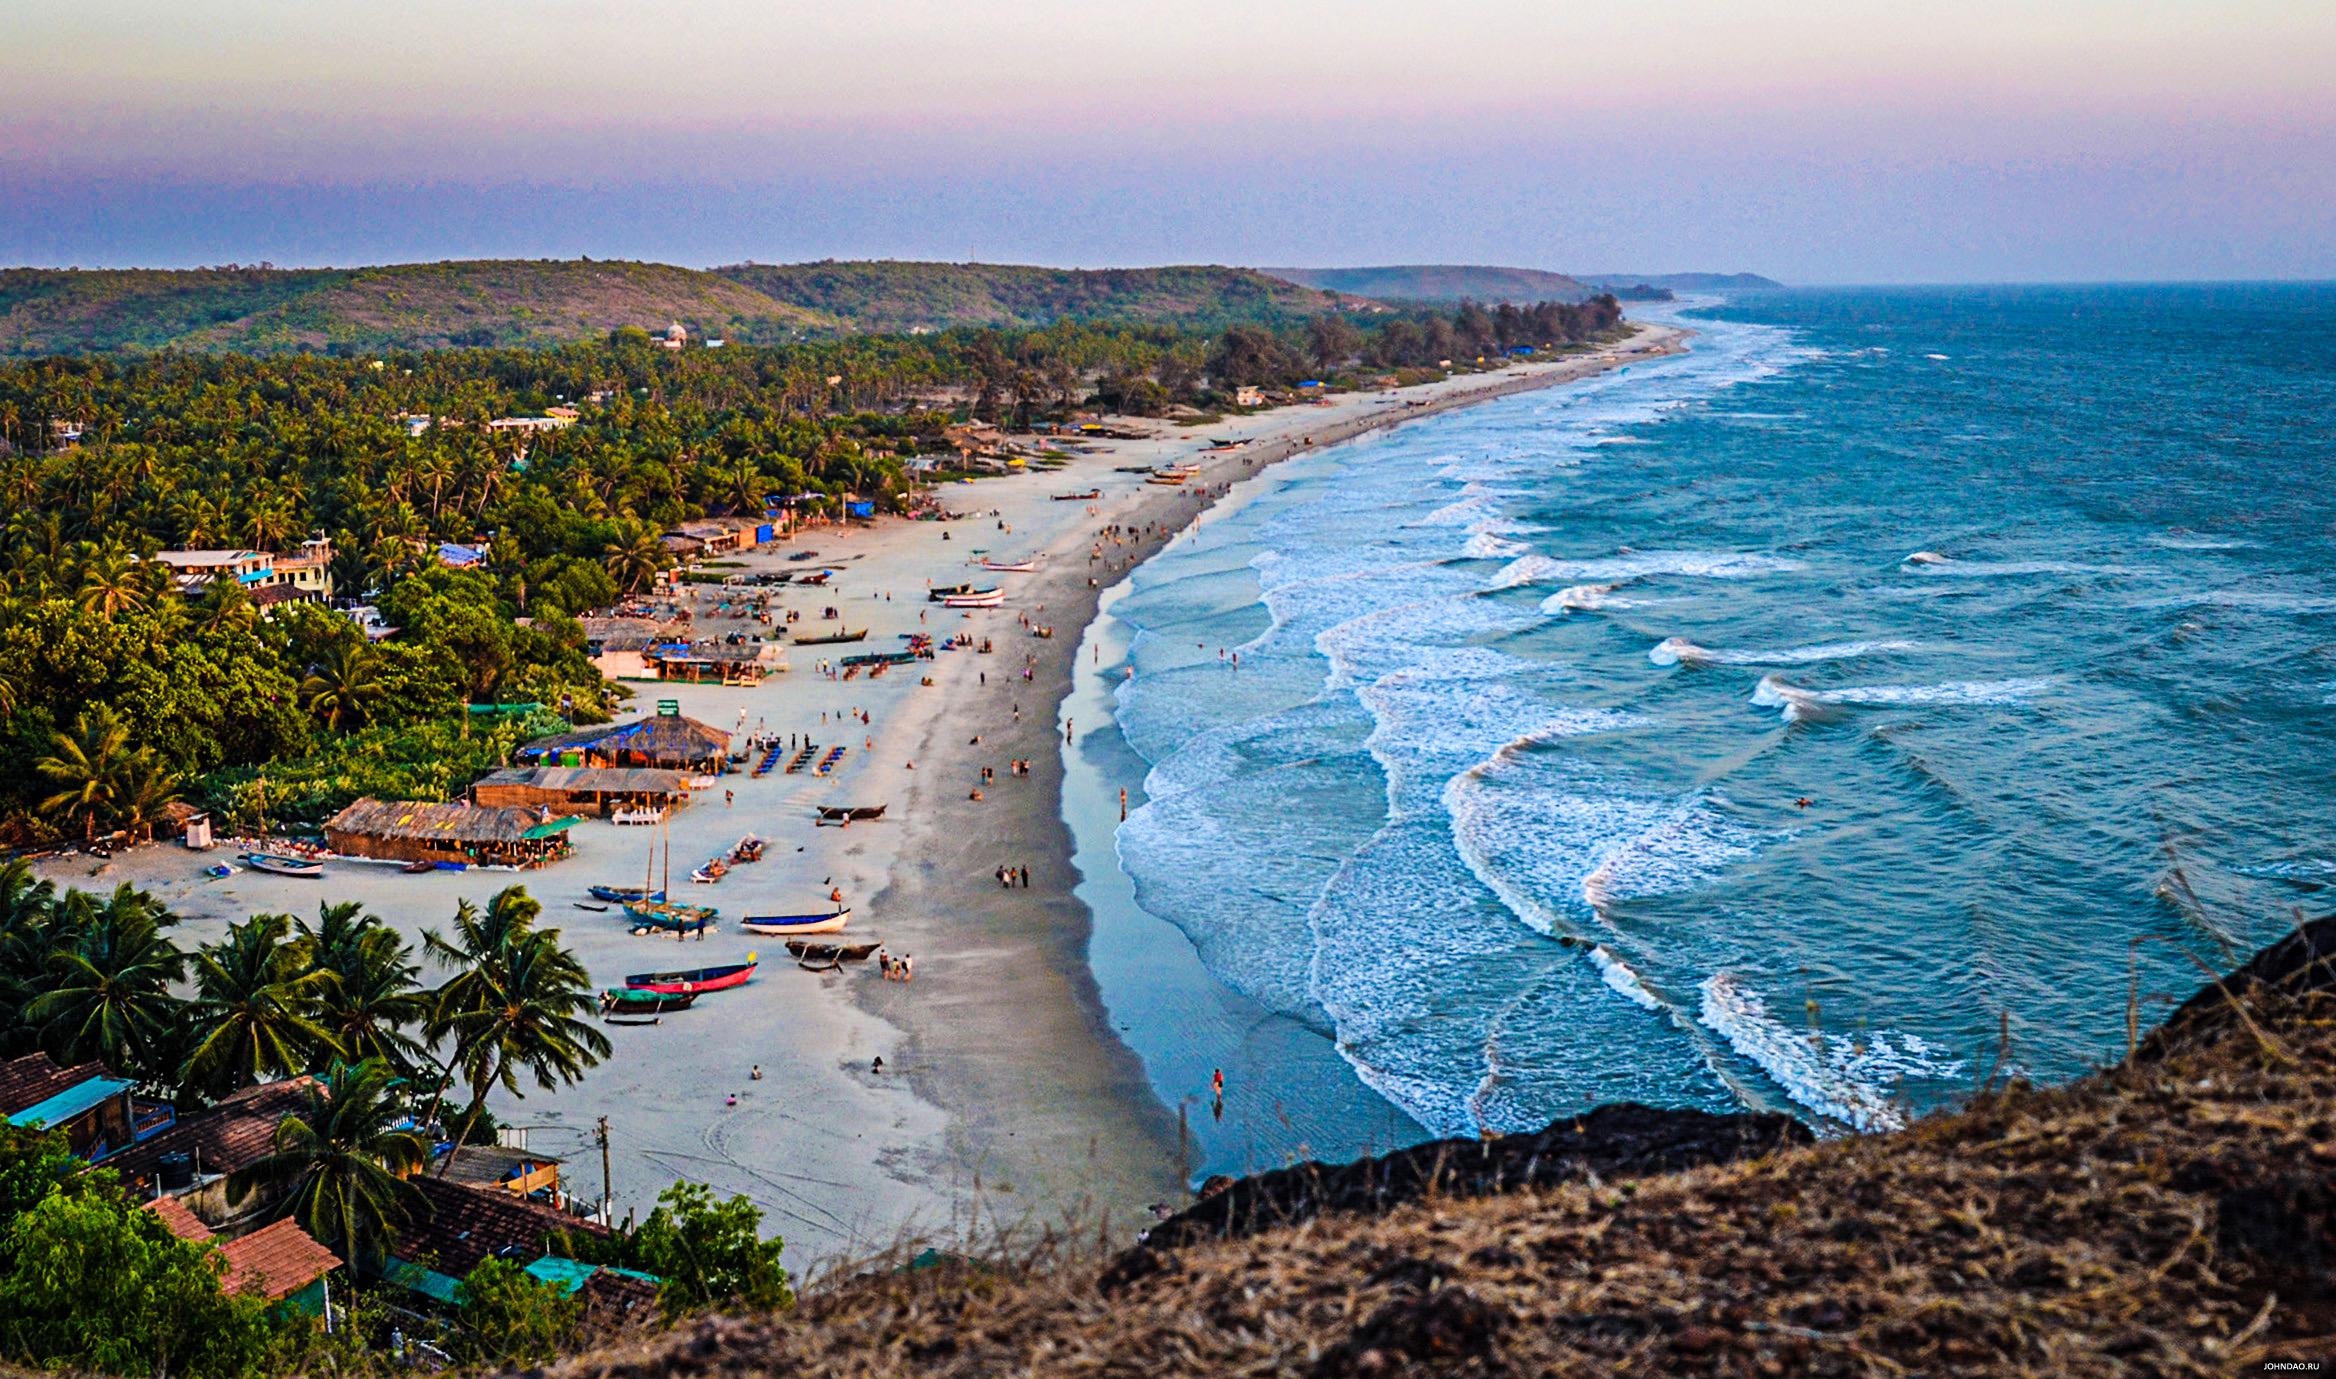 картинка фотография курорта Гоа в Индии